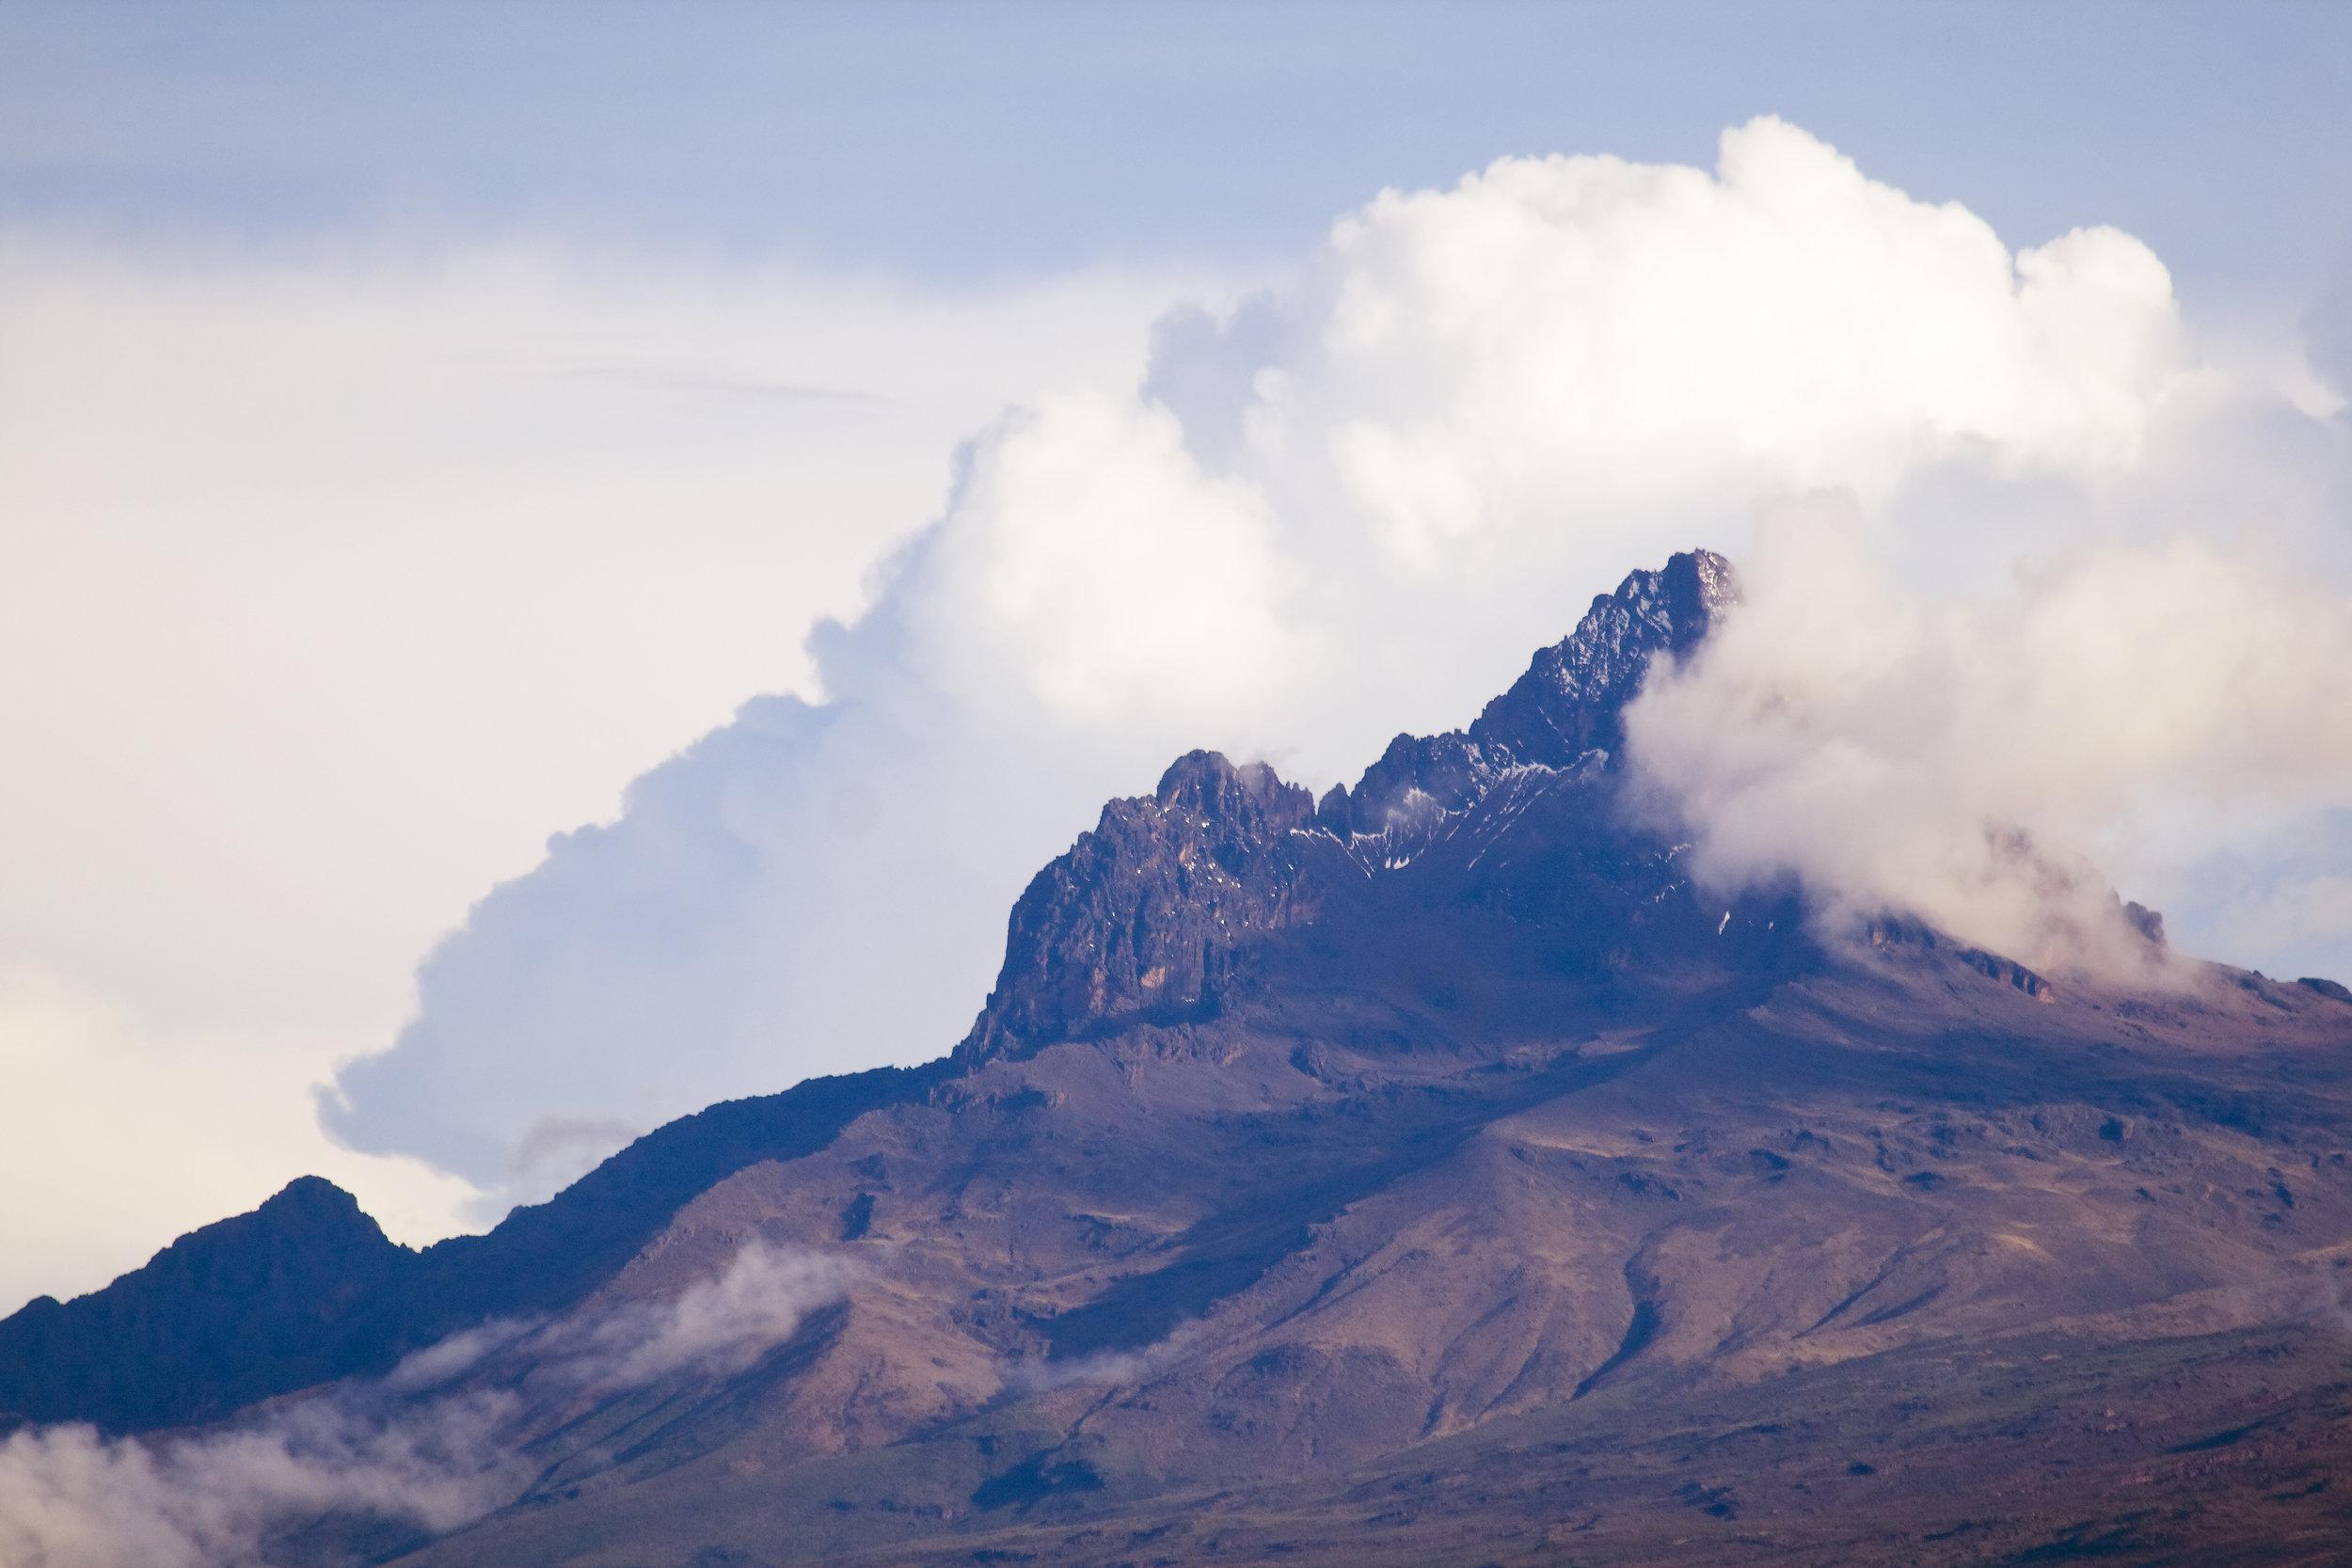 Mount Kilimanjaro, Mawenzi